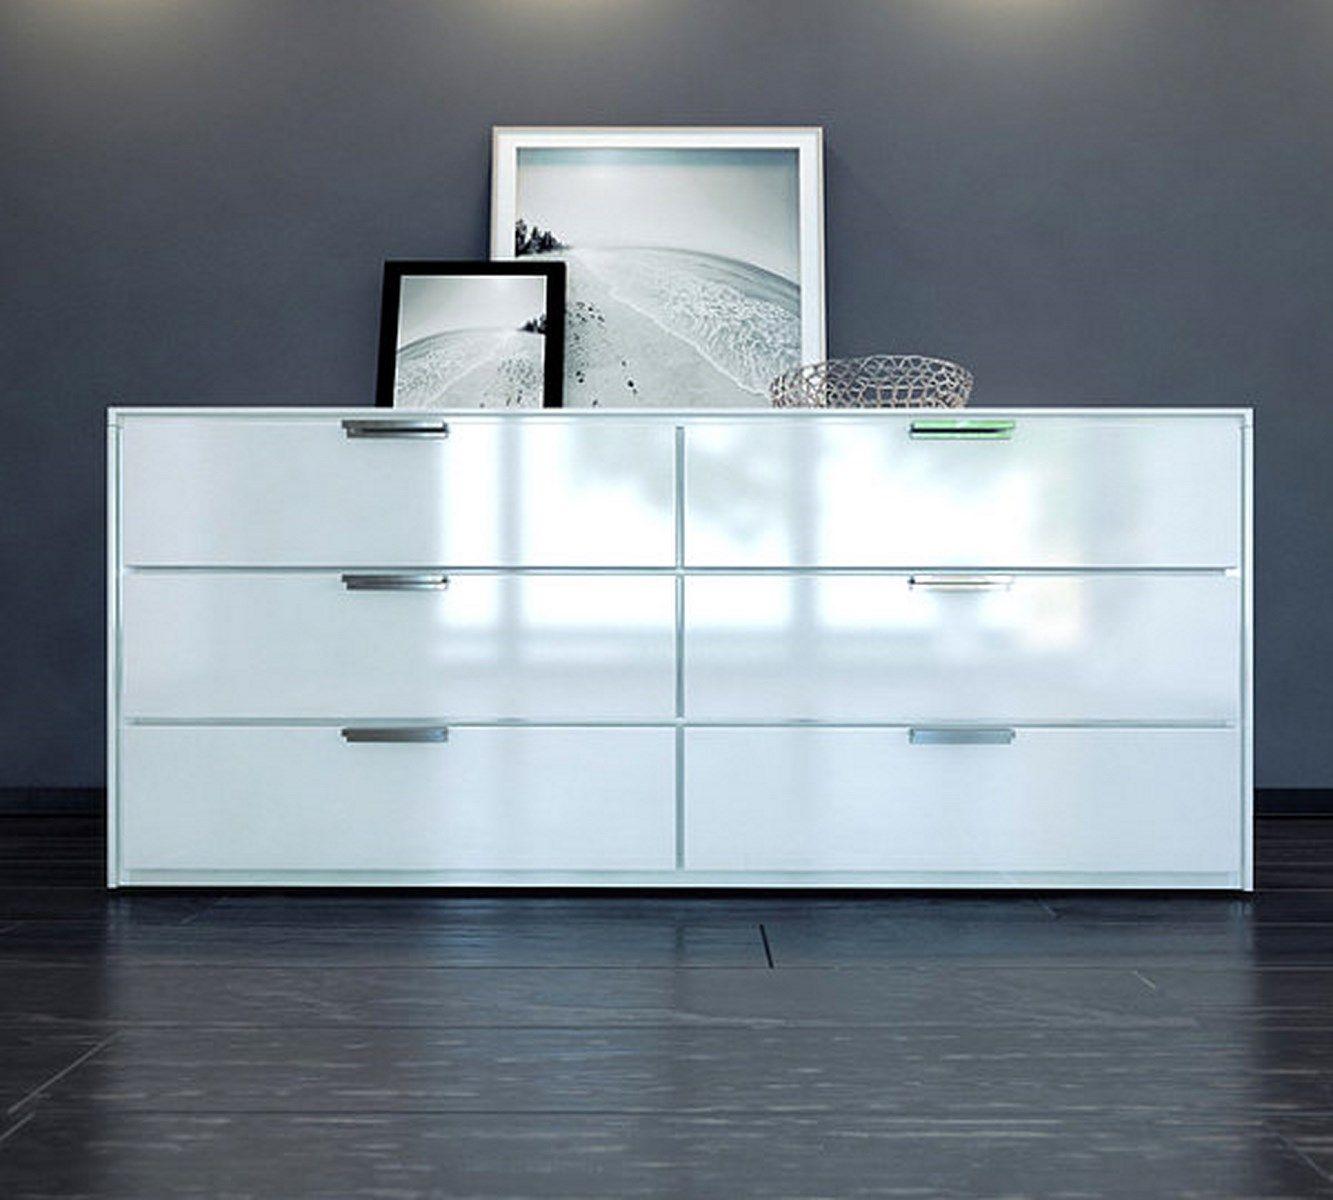 10 Sleek Bedroom Dresser With Clean Lines Dresser Design Modern Bedroom Decor Modern Dresser